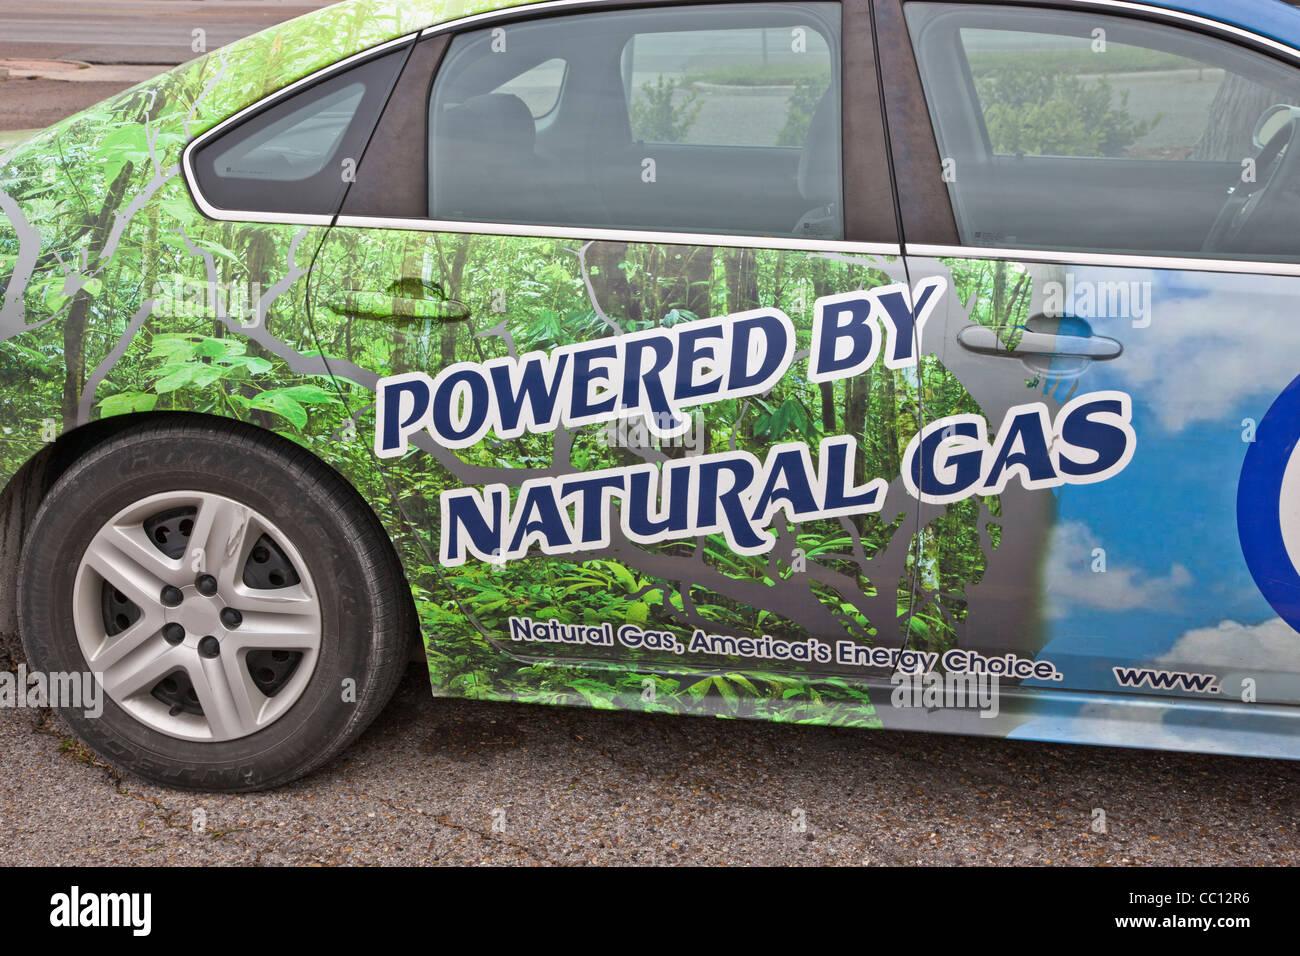 Vehículo de pasajeros alimentado con gas natural. Imagen De Stock